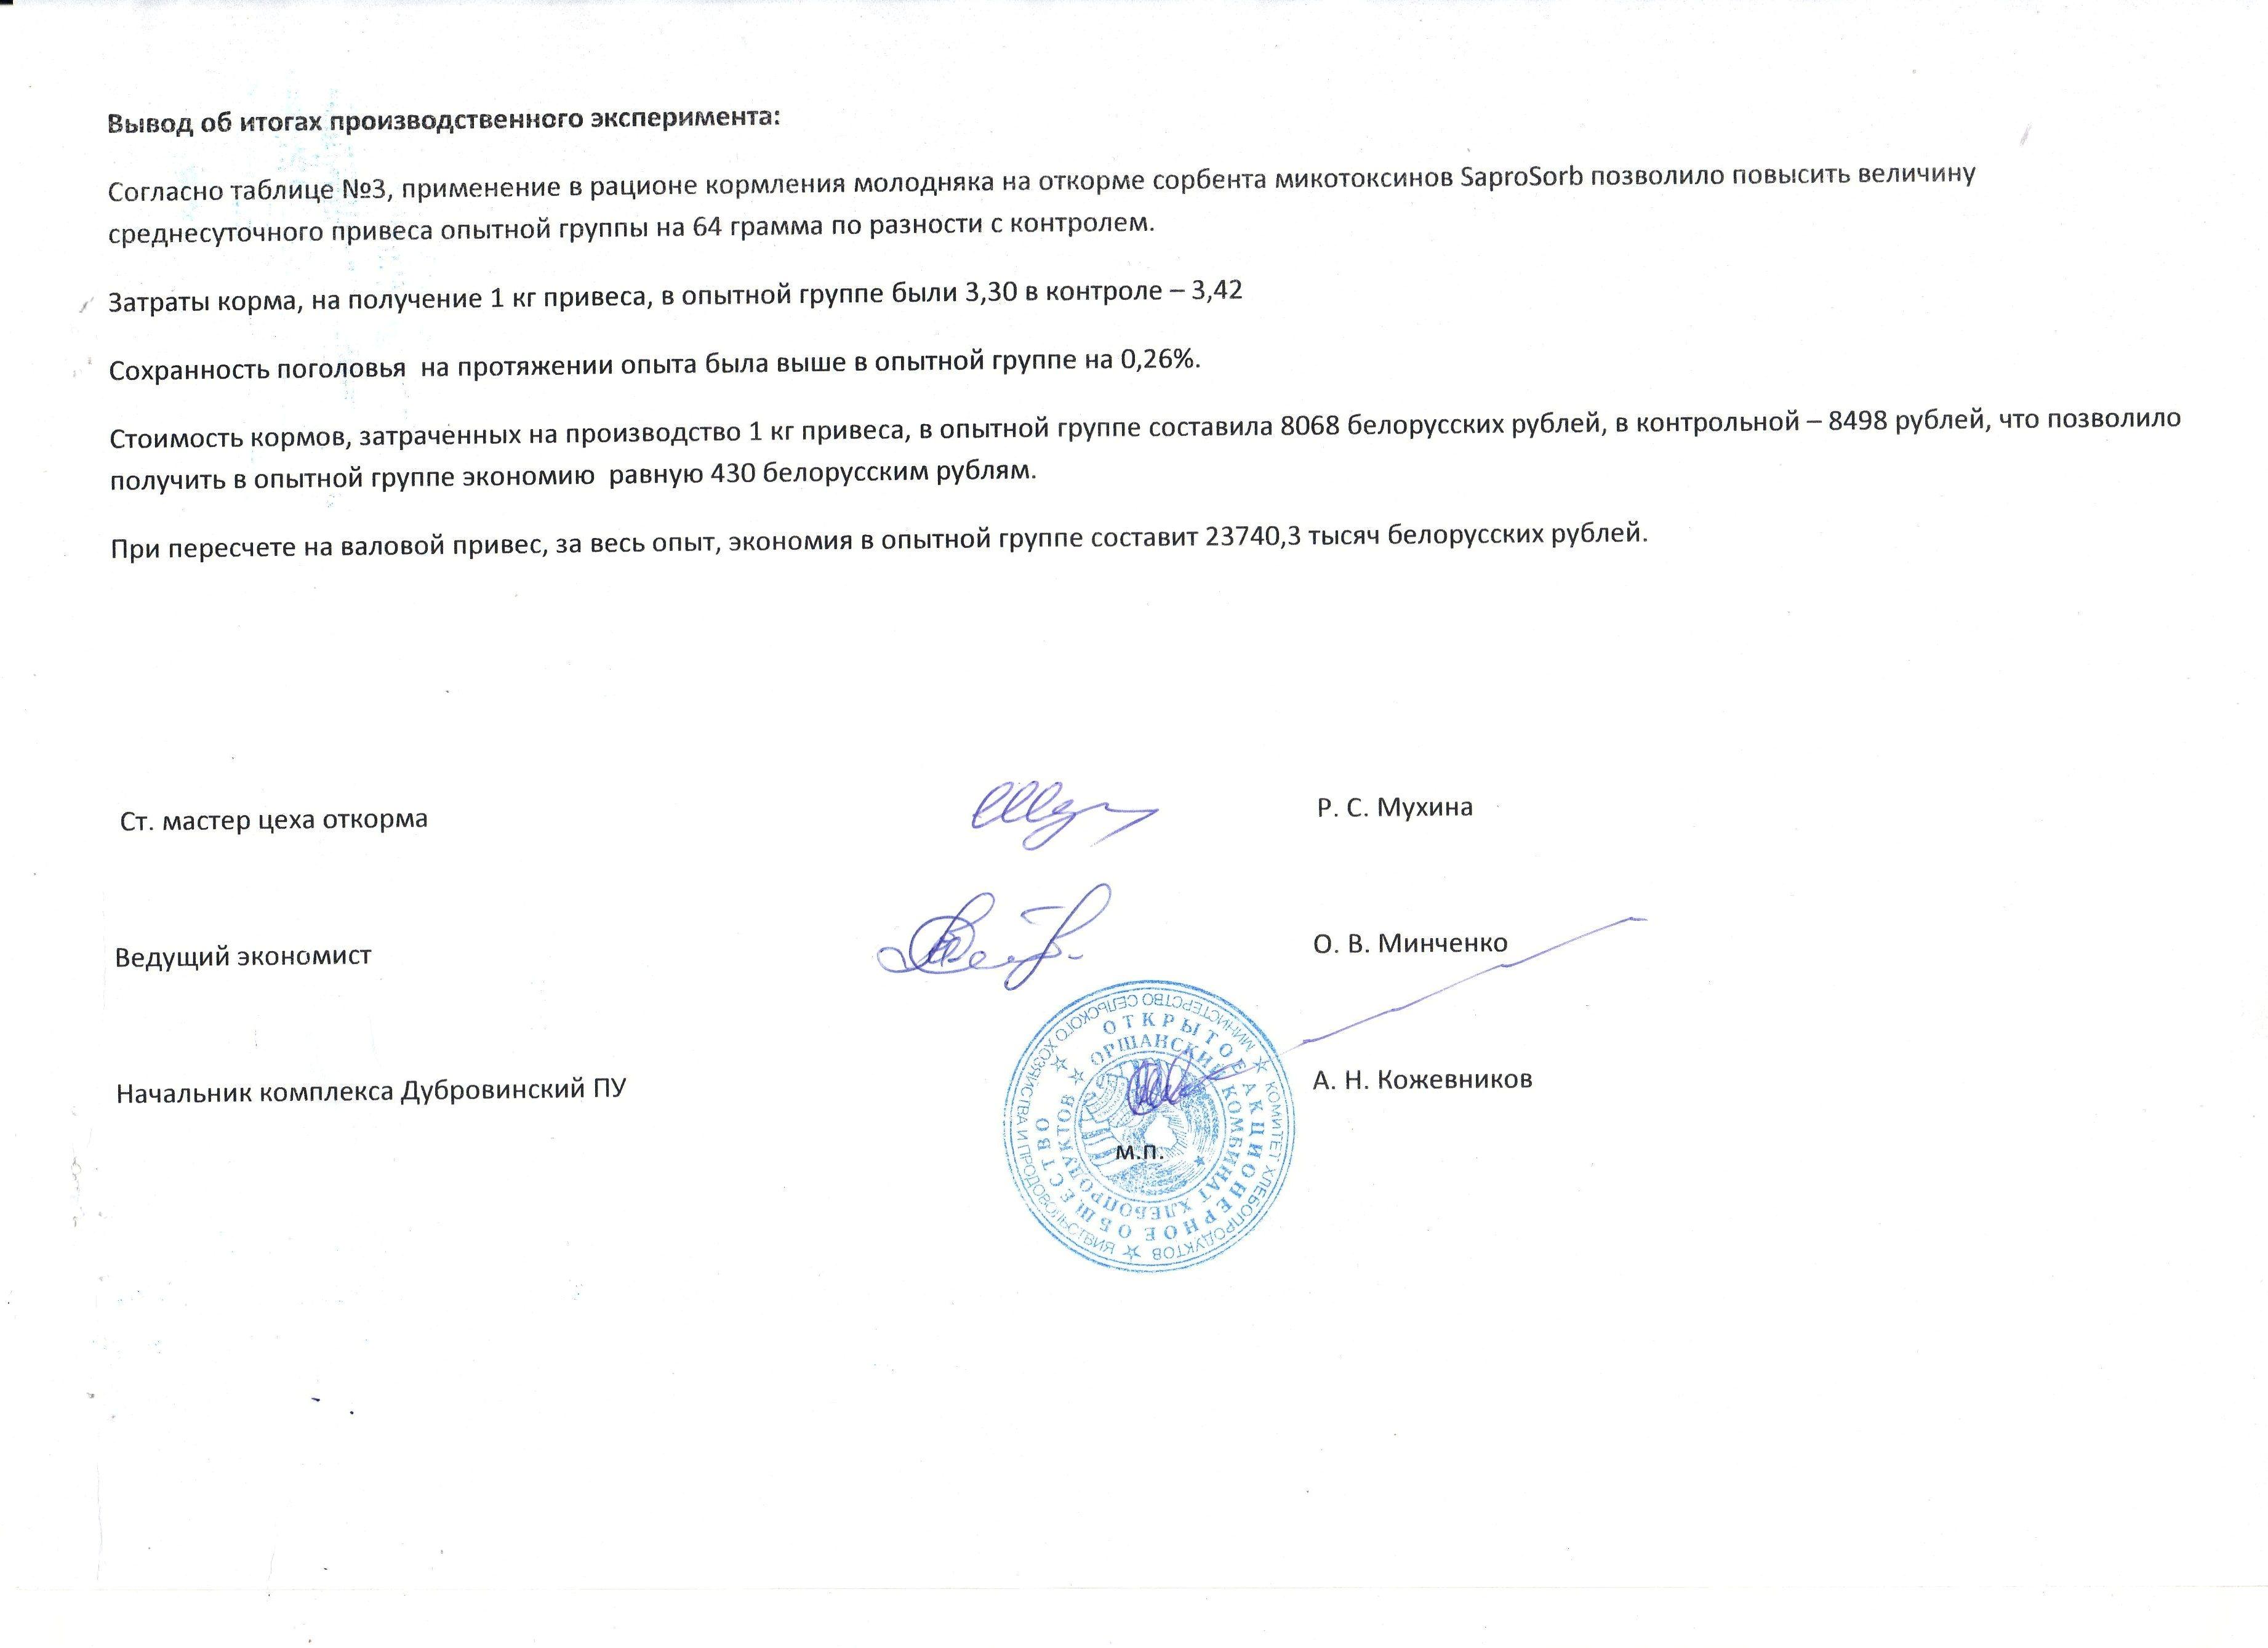 Результаты применения Экологически чистого натурального сорбента / адсорбента микотоксинов SaproSORB(Сапросорб) в ОАО «Оршанский КХП» Дубровенский ПУ